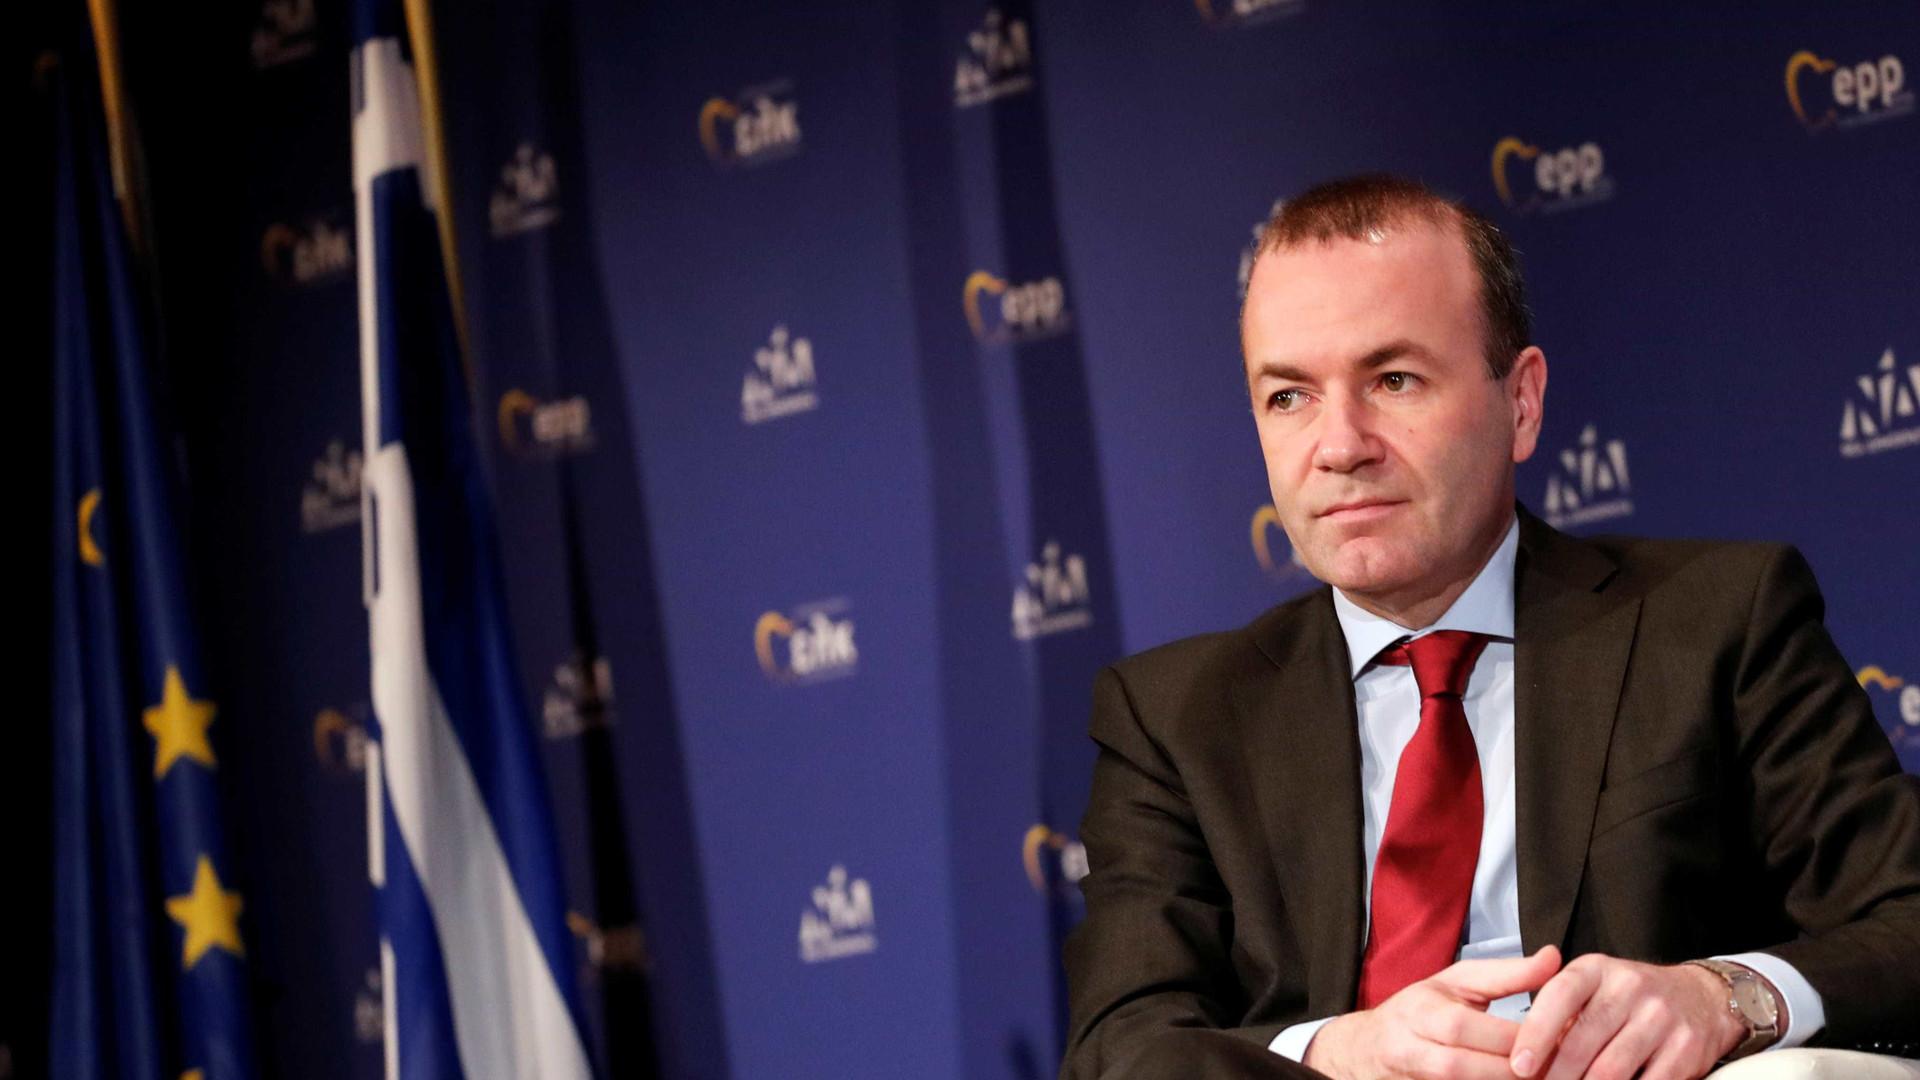 Manfred Weber defende medidas migratórias mais duras